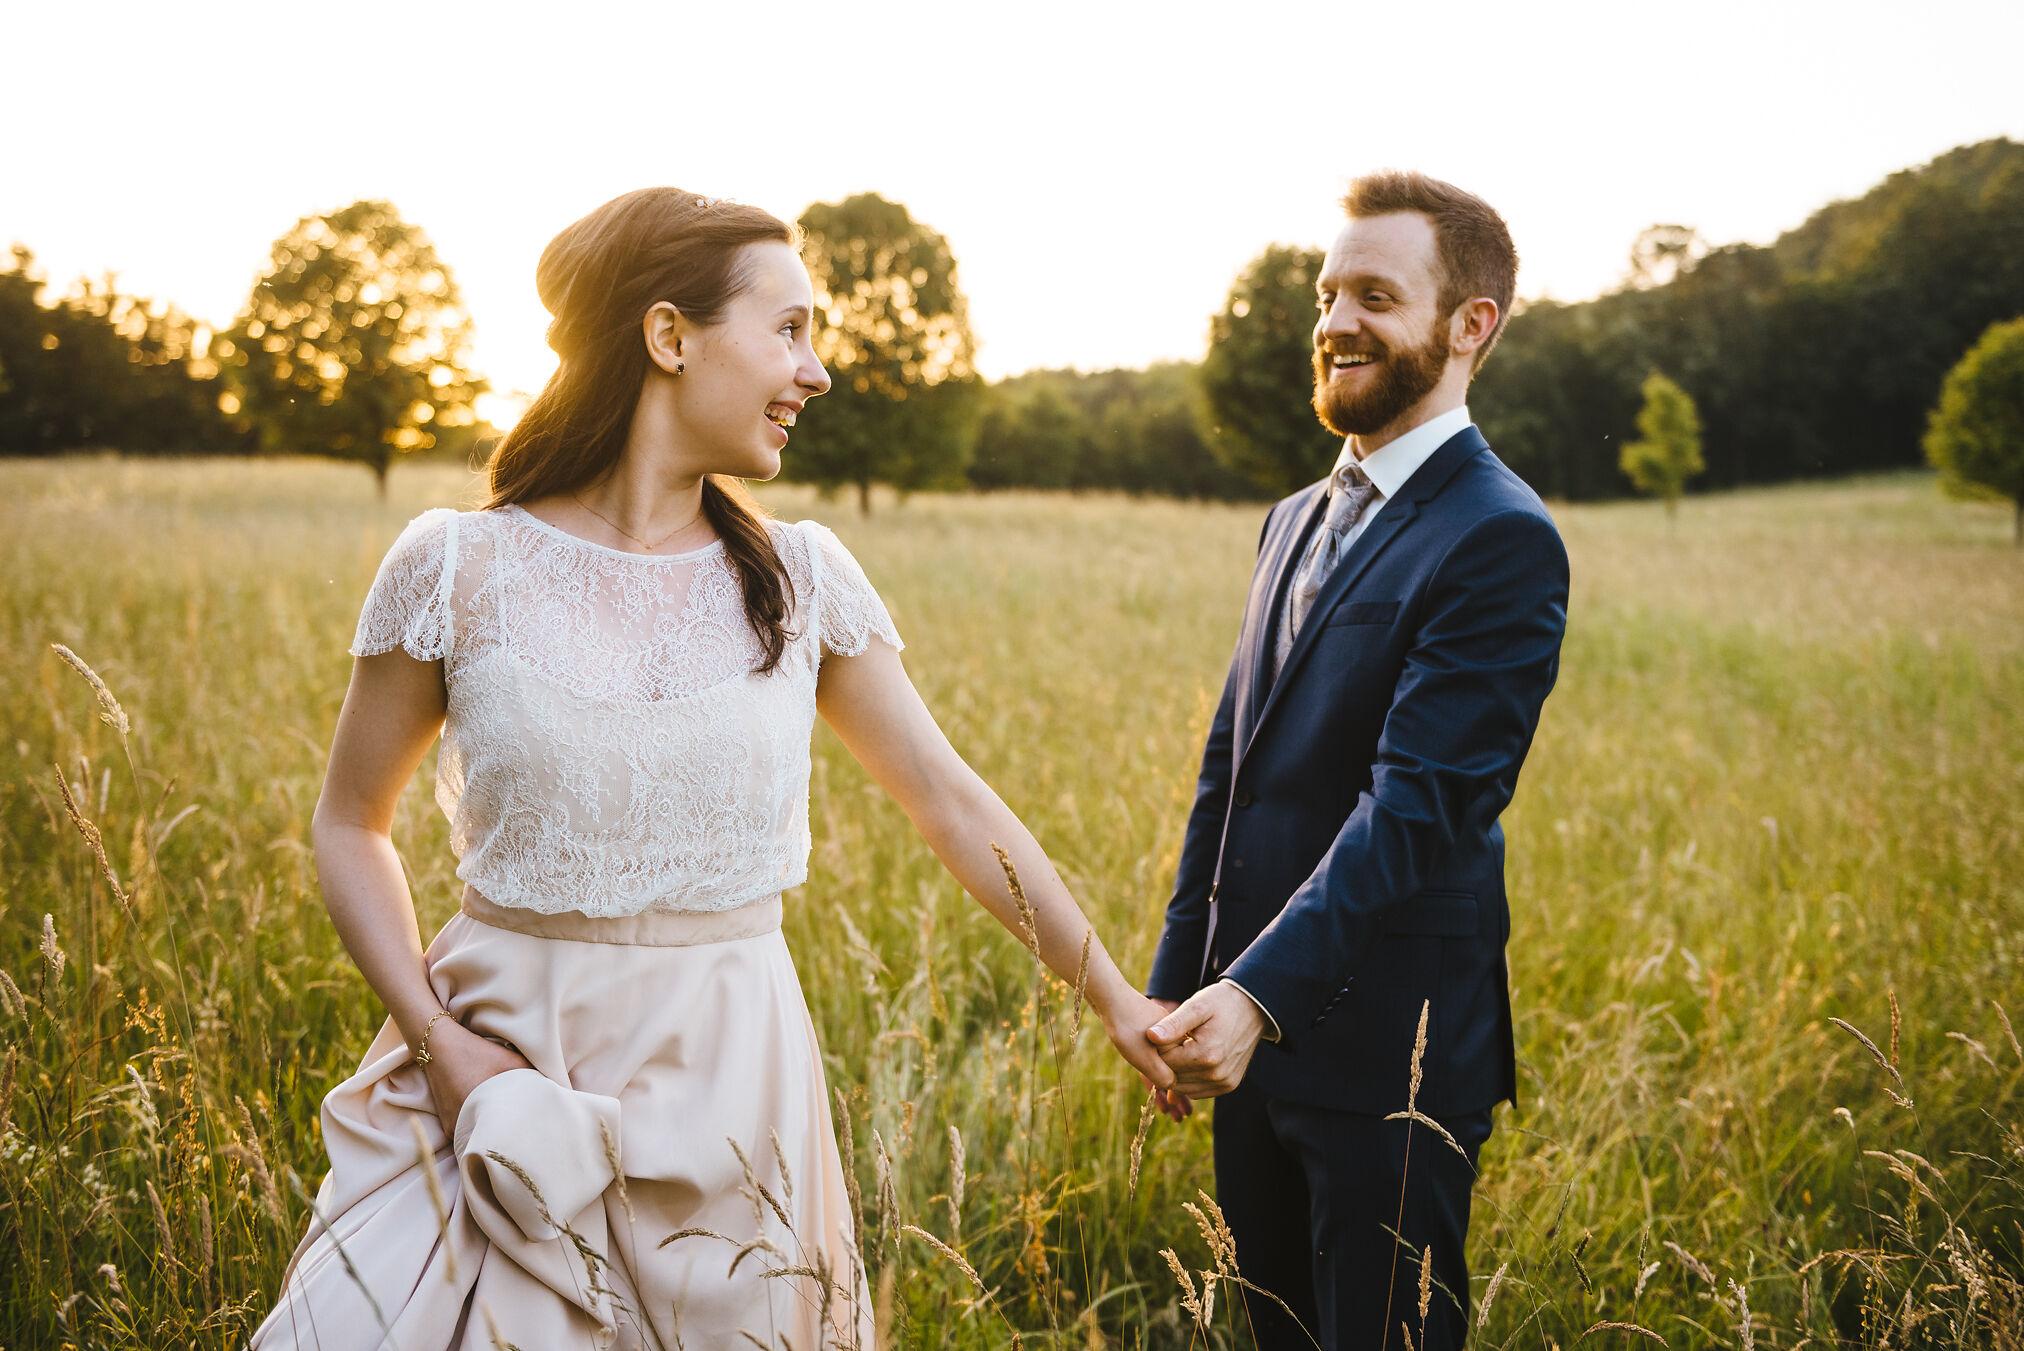 Hochzeit-Garten-Denoti-56.jpg